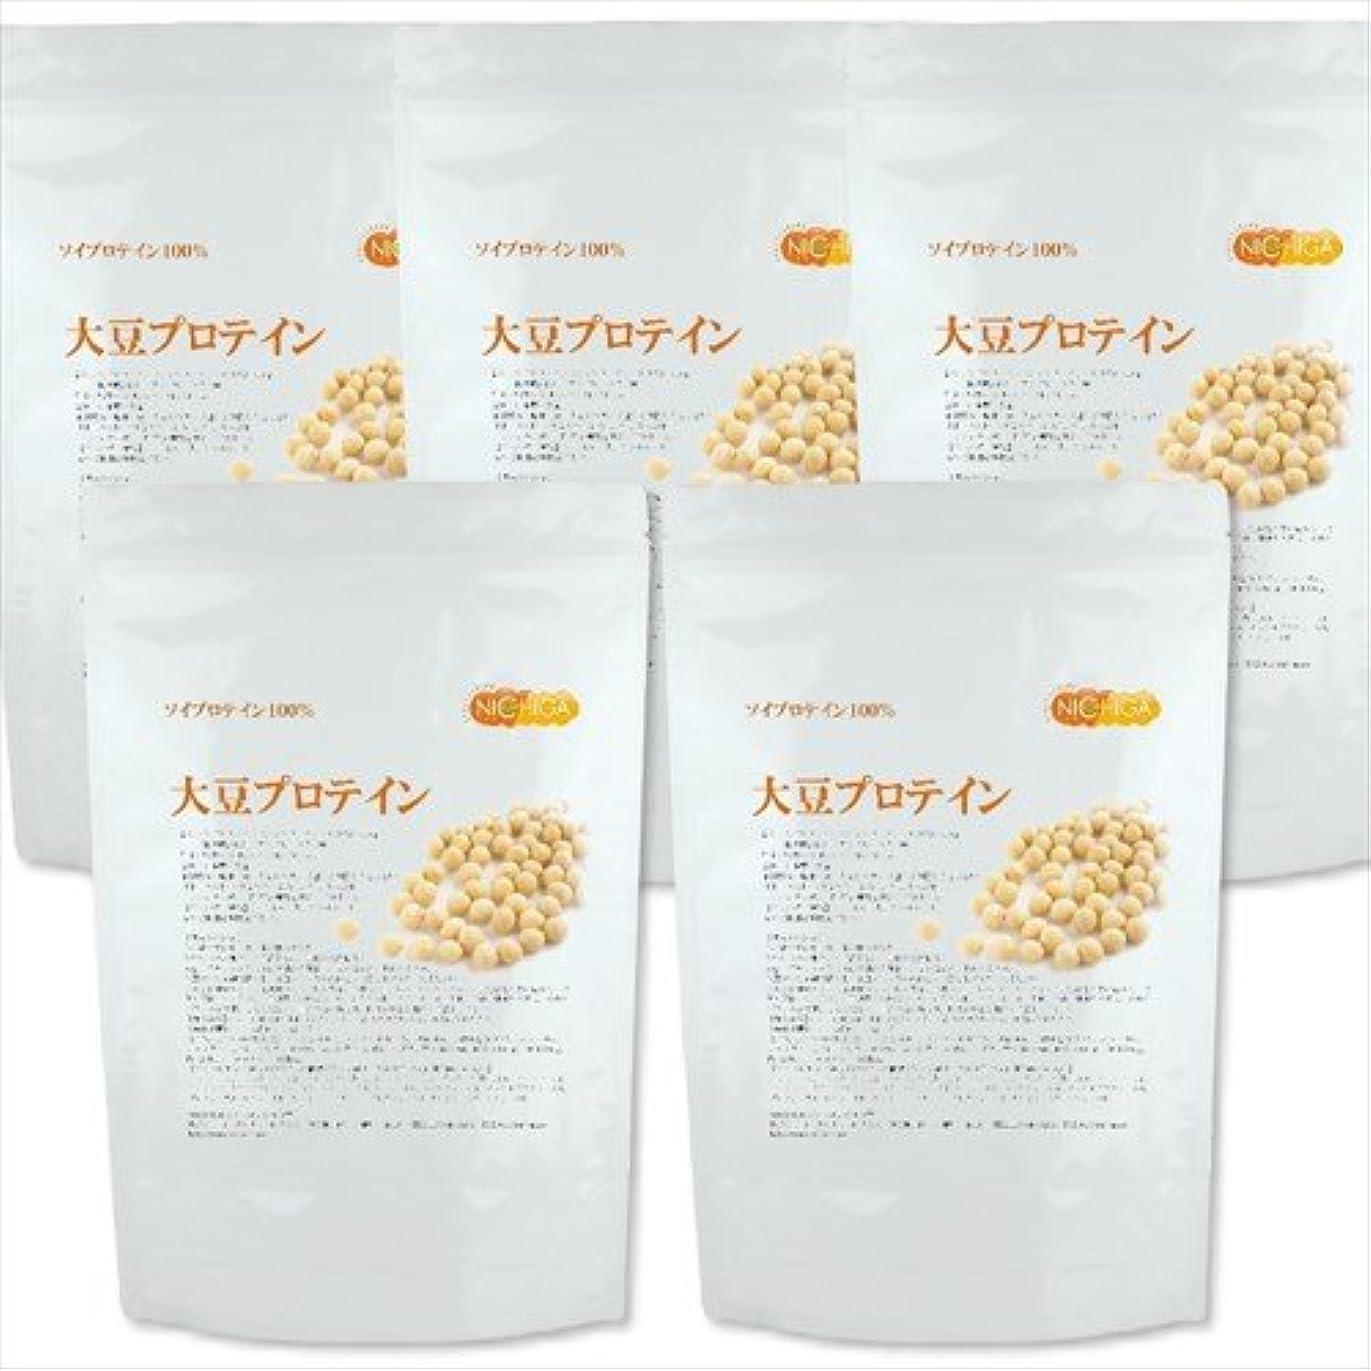 息子犯人時刻表<New> 大豆プロテイン(国内製造)1kg×5袋 [02] NICHIGA(ニチガ) 製品のリニューアル致しました ソイプロテイン100% 遺伝子組み換え不使用大豆 新規製法採用!